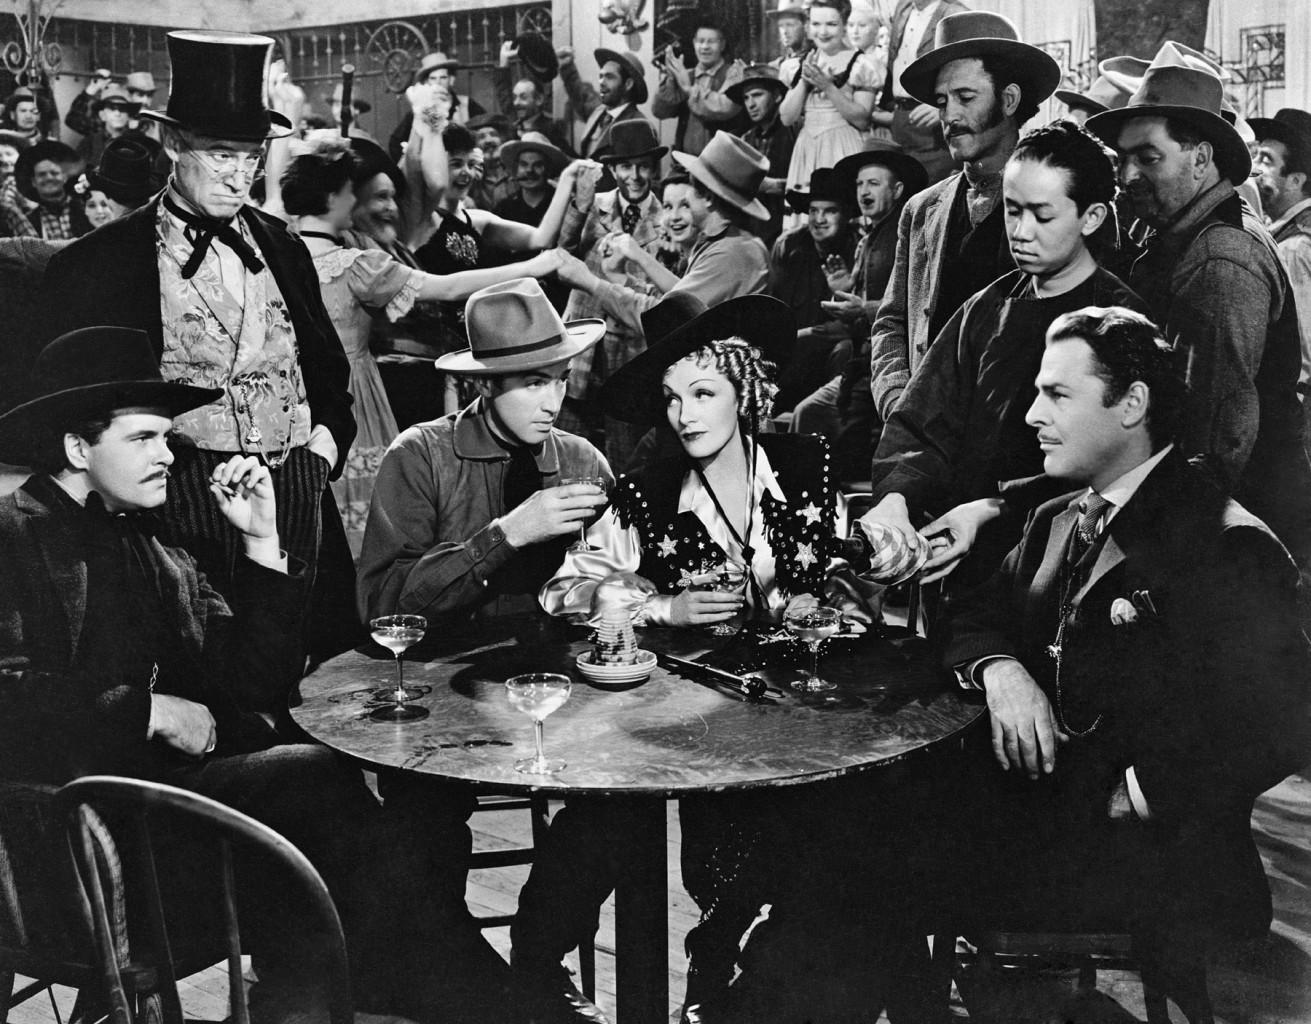 James Stewart - destry rides again - & Marlene Dietrich, Brian Donlevy